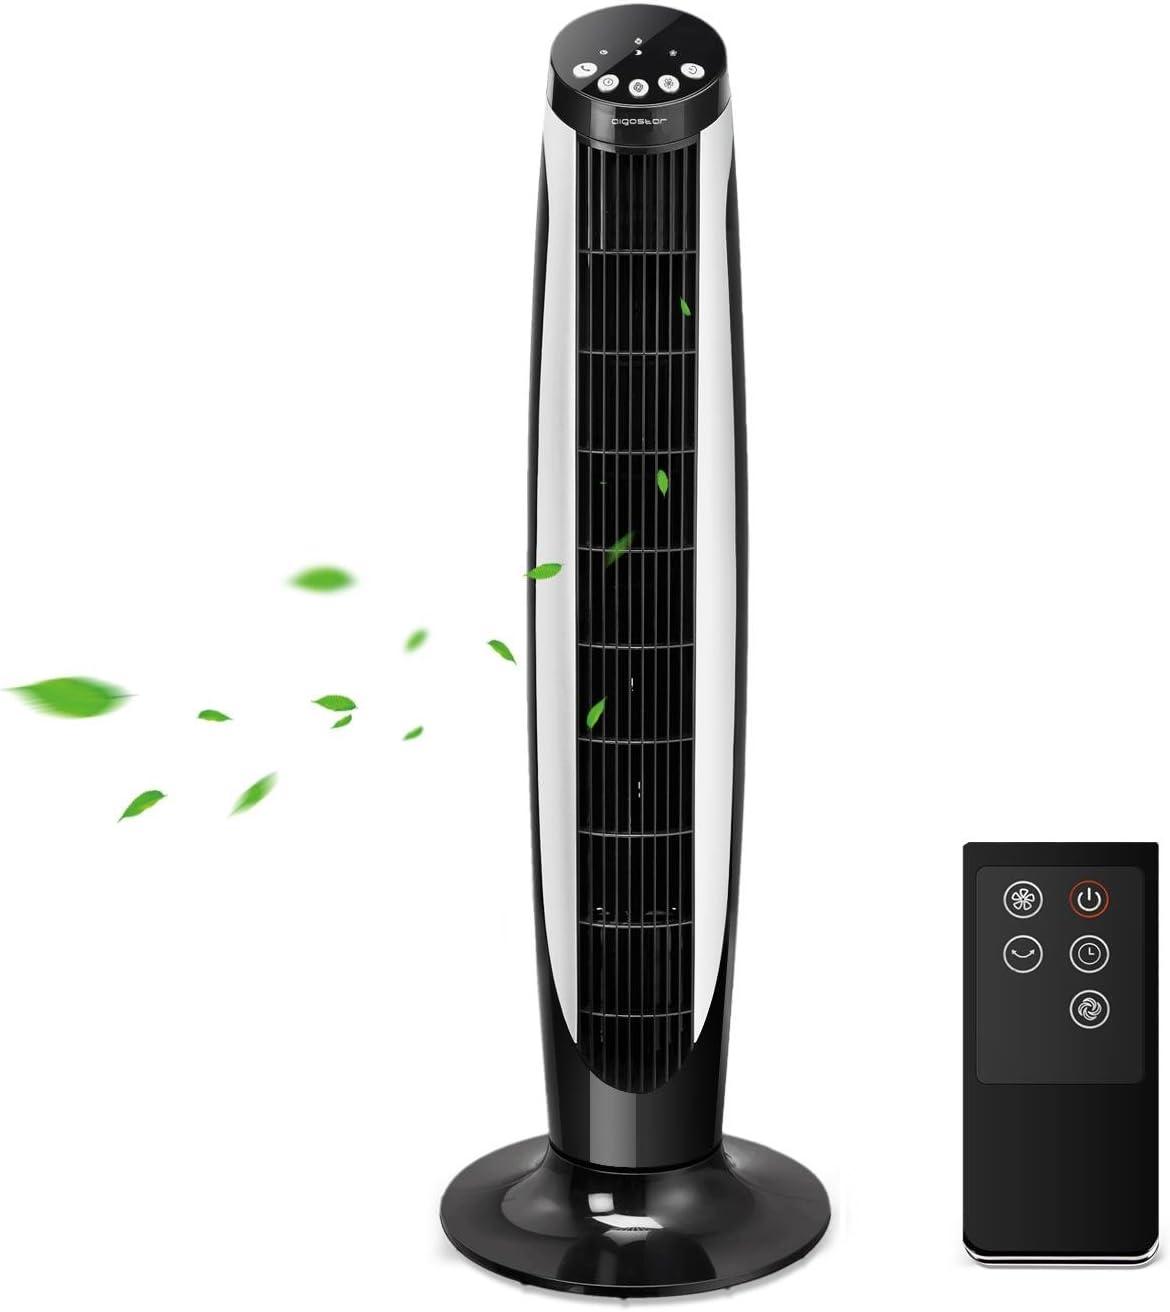 Aigostar Eiffel 33JTT - Ventilador de torre oscilante con mando a distancia. Temporizador programable, 3 modos de funcionamiento y 3 velocidades, motor 45 W, oscilación de 70 °. Diseño exclusivo.